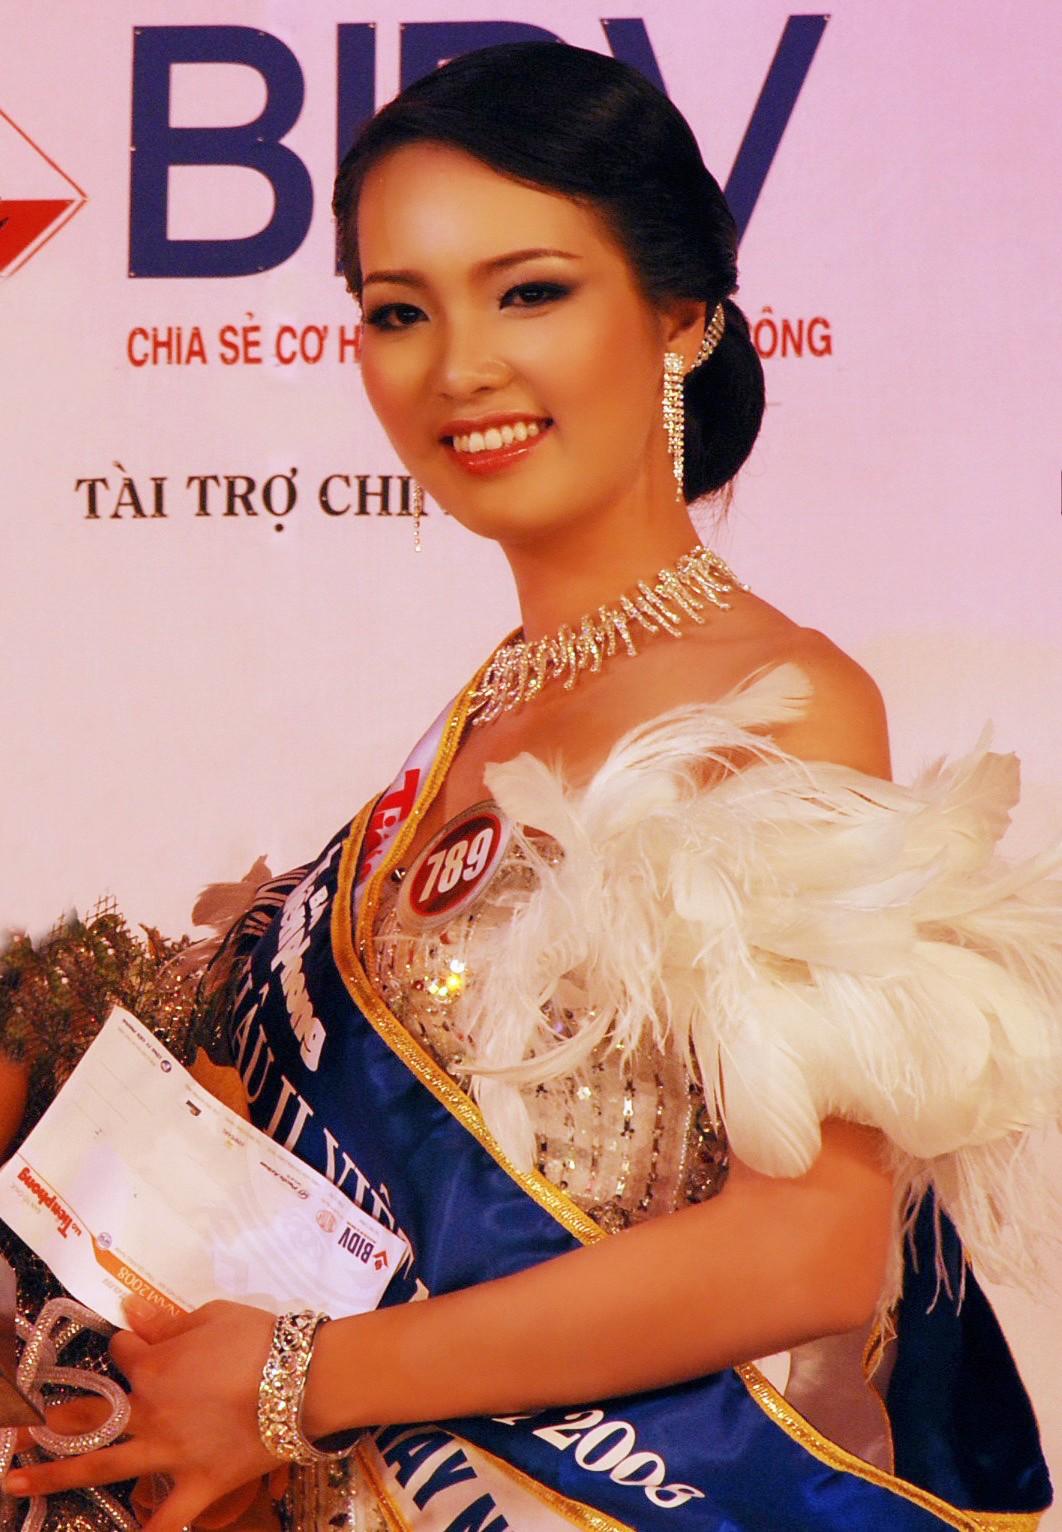 Sự nghiệp đáng nể của những 'Người đẹp ứng xử hay nhất' tại Hoa hậu Việt Nam ảnh 1